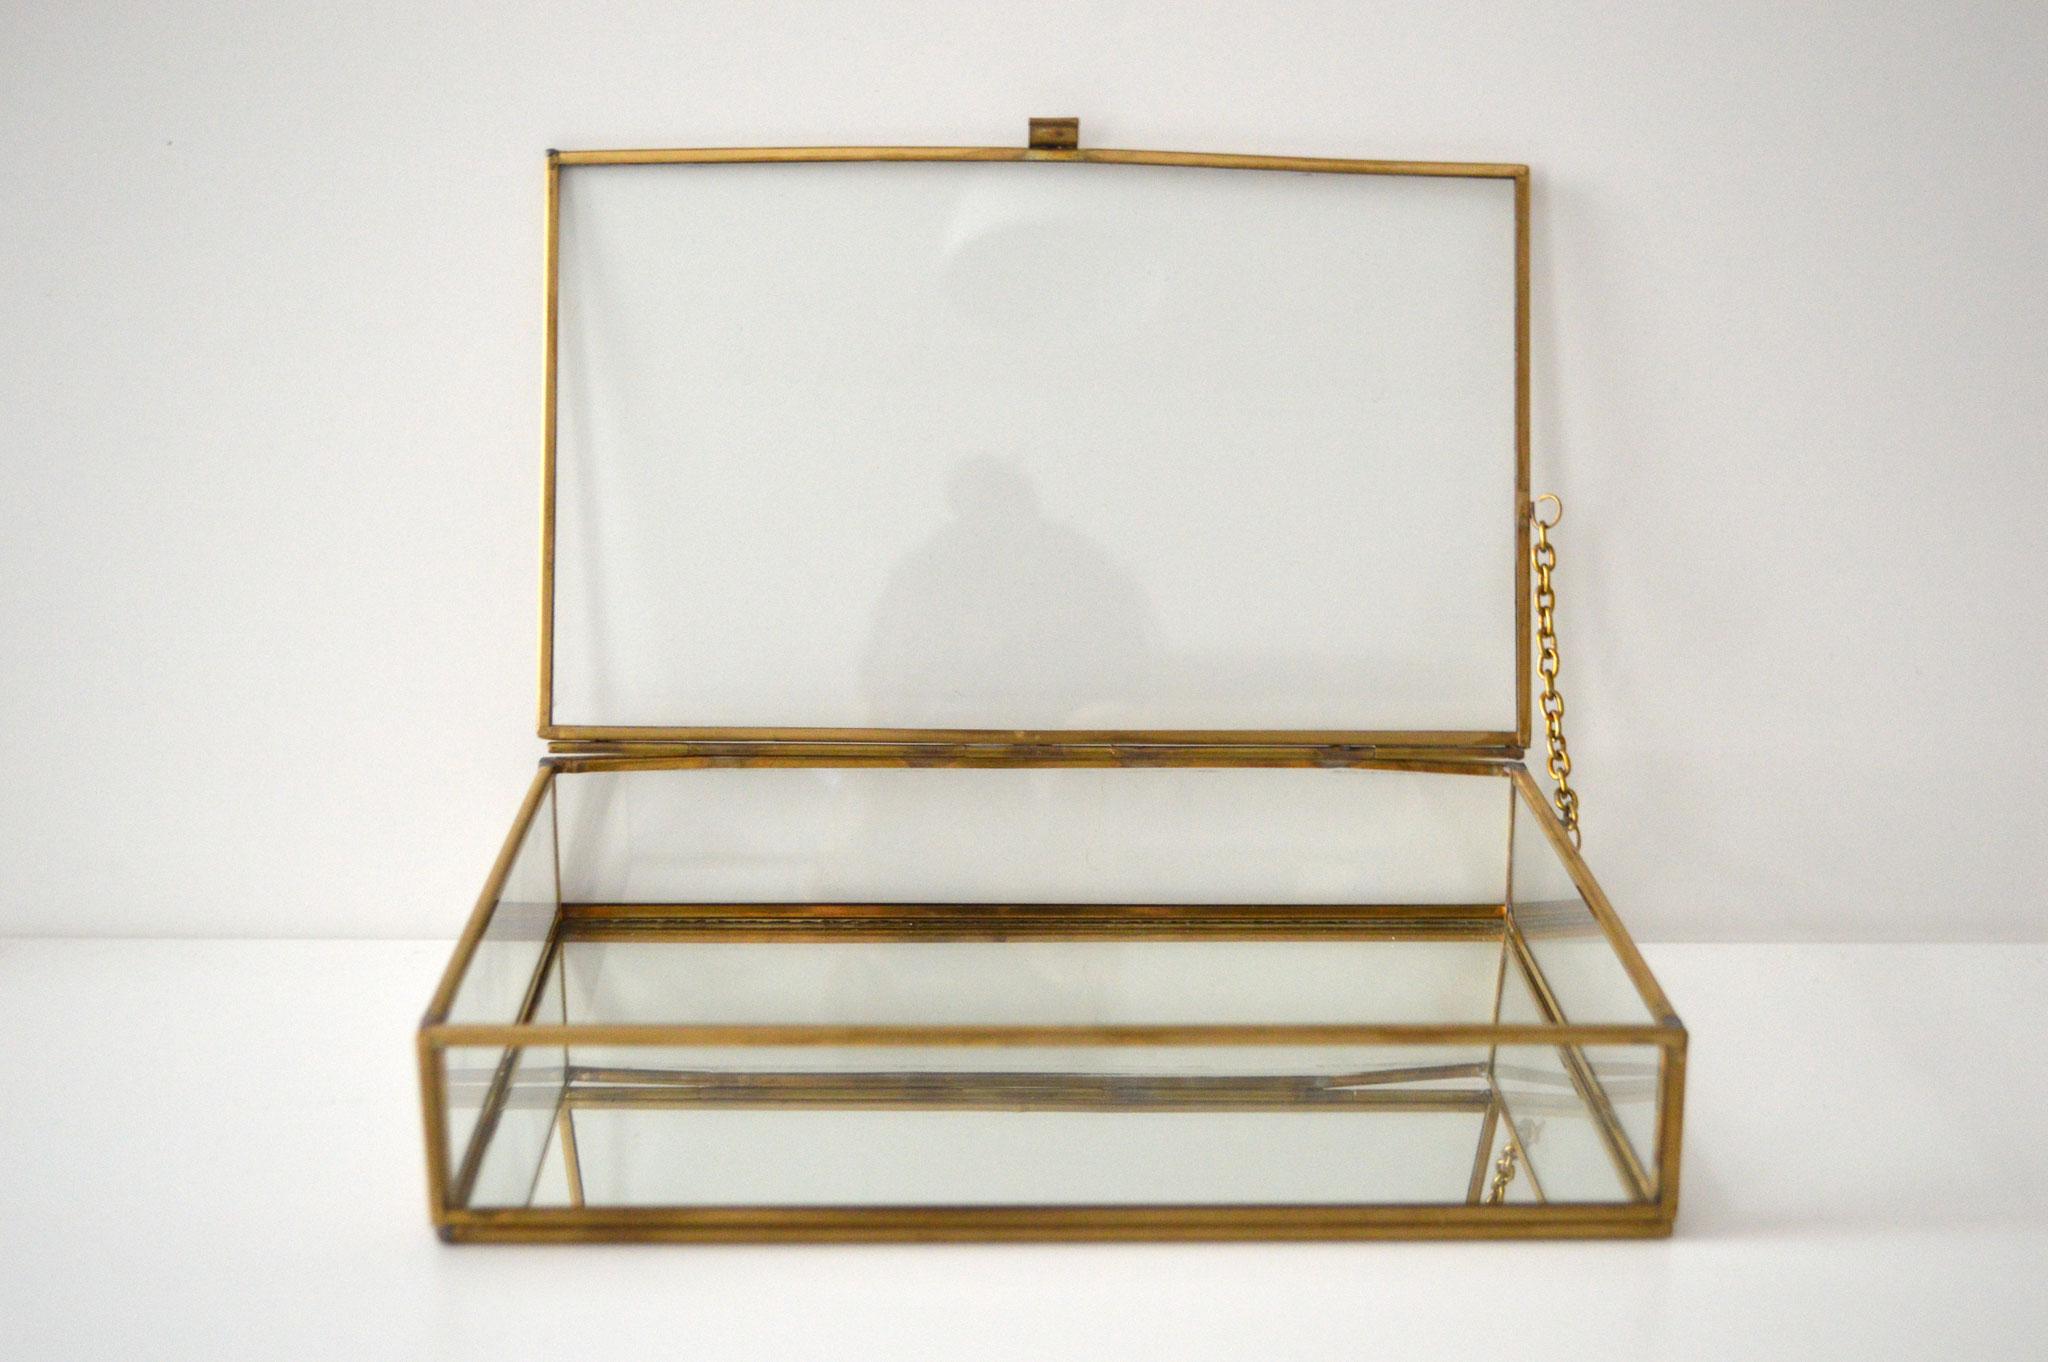 B)  Breite ca. 25 cm, Höhe ca. 5 cm und Tiefe ca. 15,5 cm, mit Spiegelboden